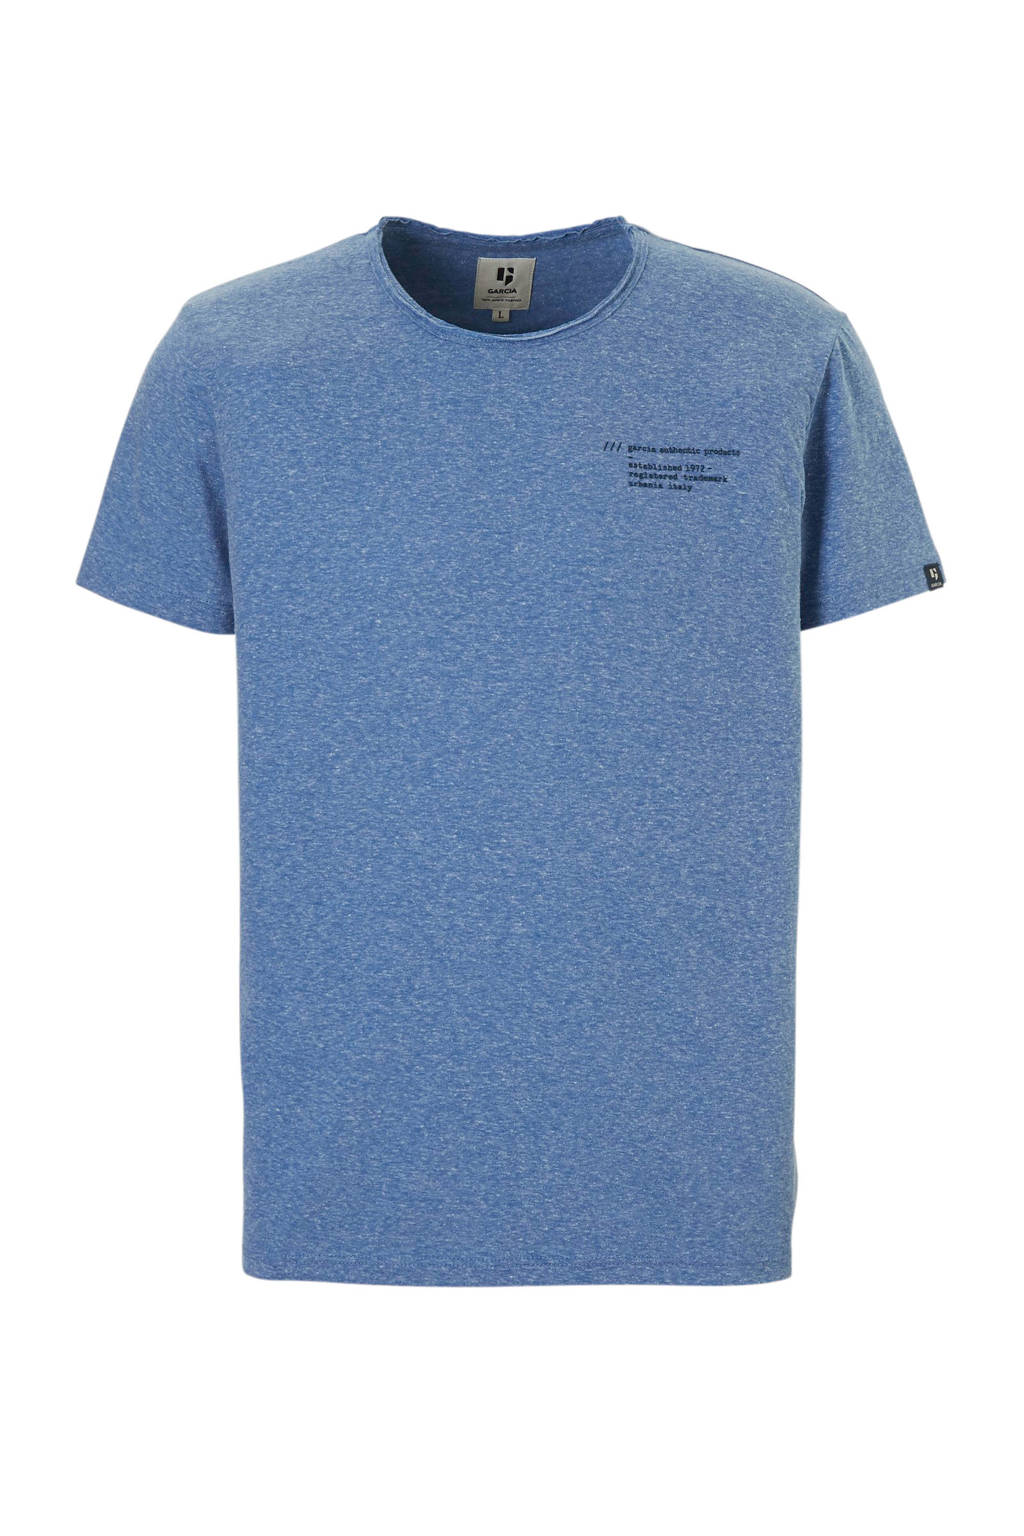 Blauw T Garcia Garcia shirt Gemêleerd HE29DWYeI